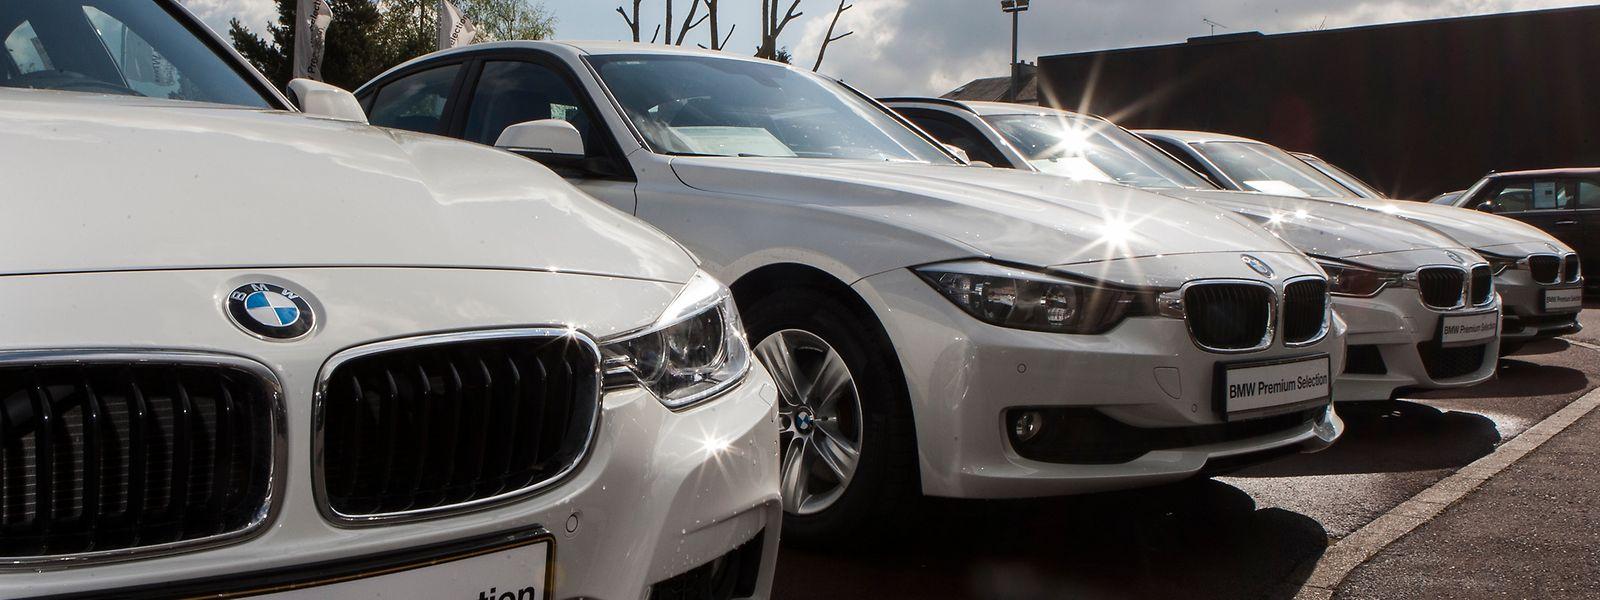 """In das """"Premium Selection""""-Programm werden laut BMW """"nur die besten Gebrauchten"""" aufgenommen."""